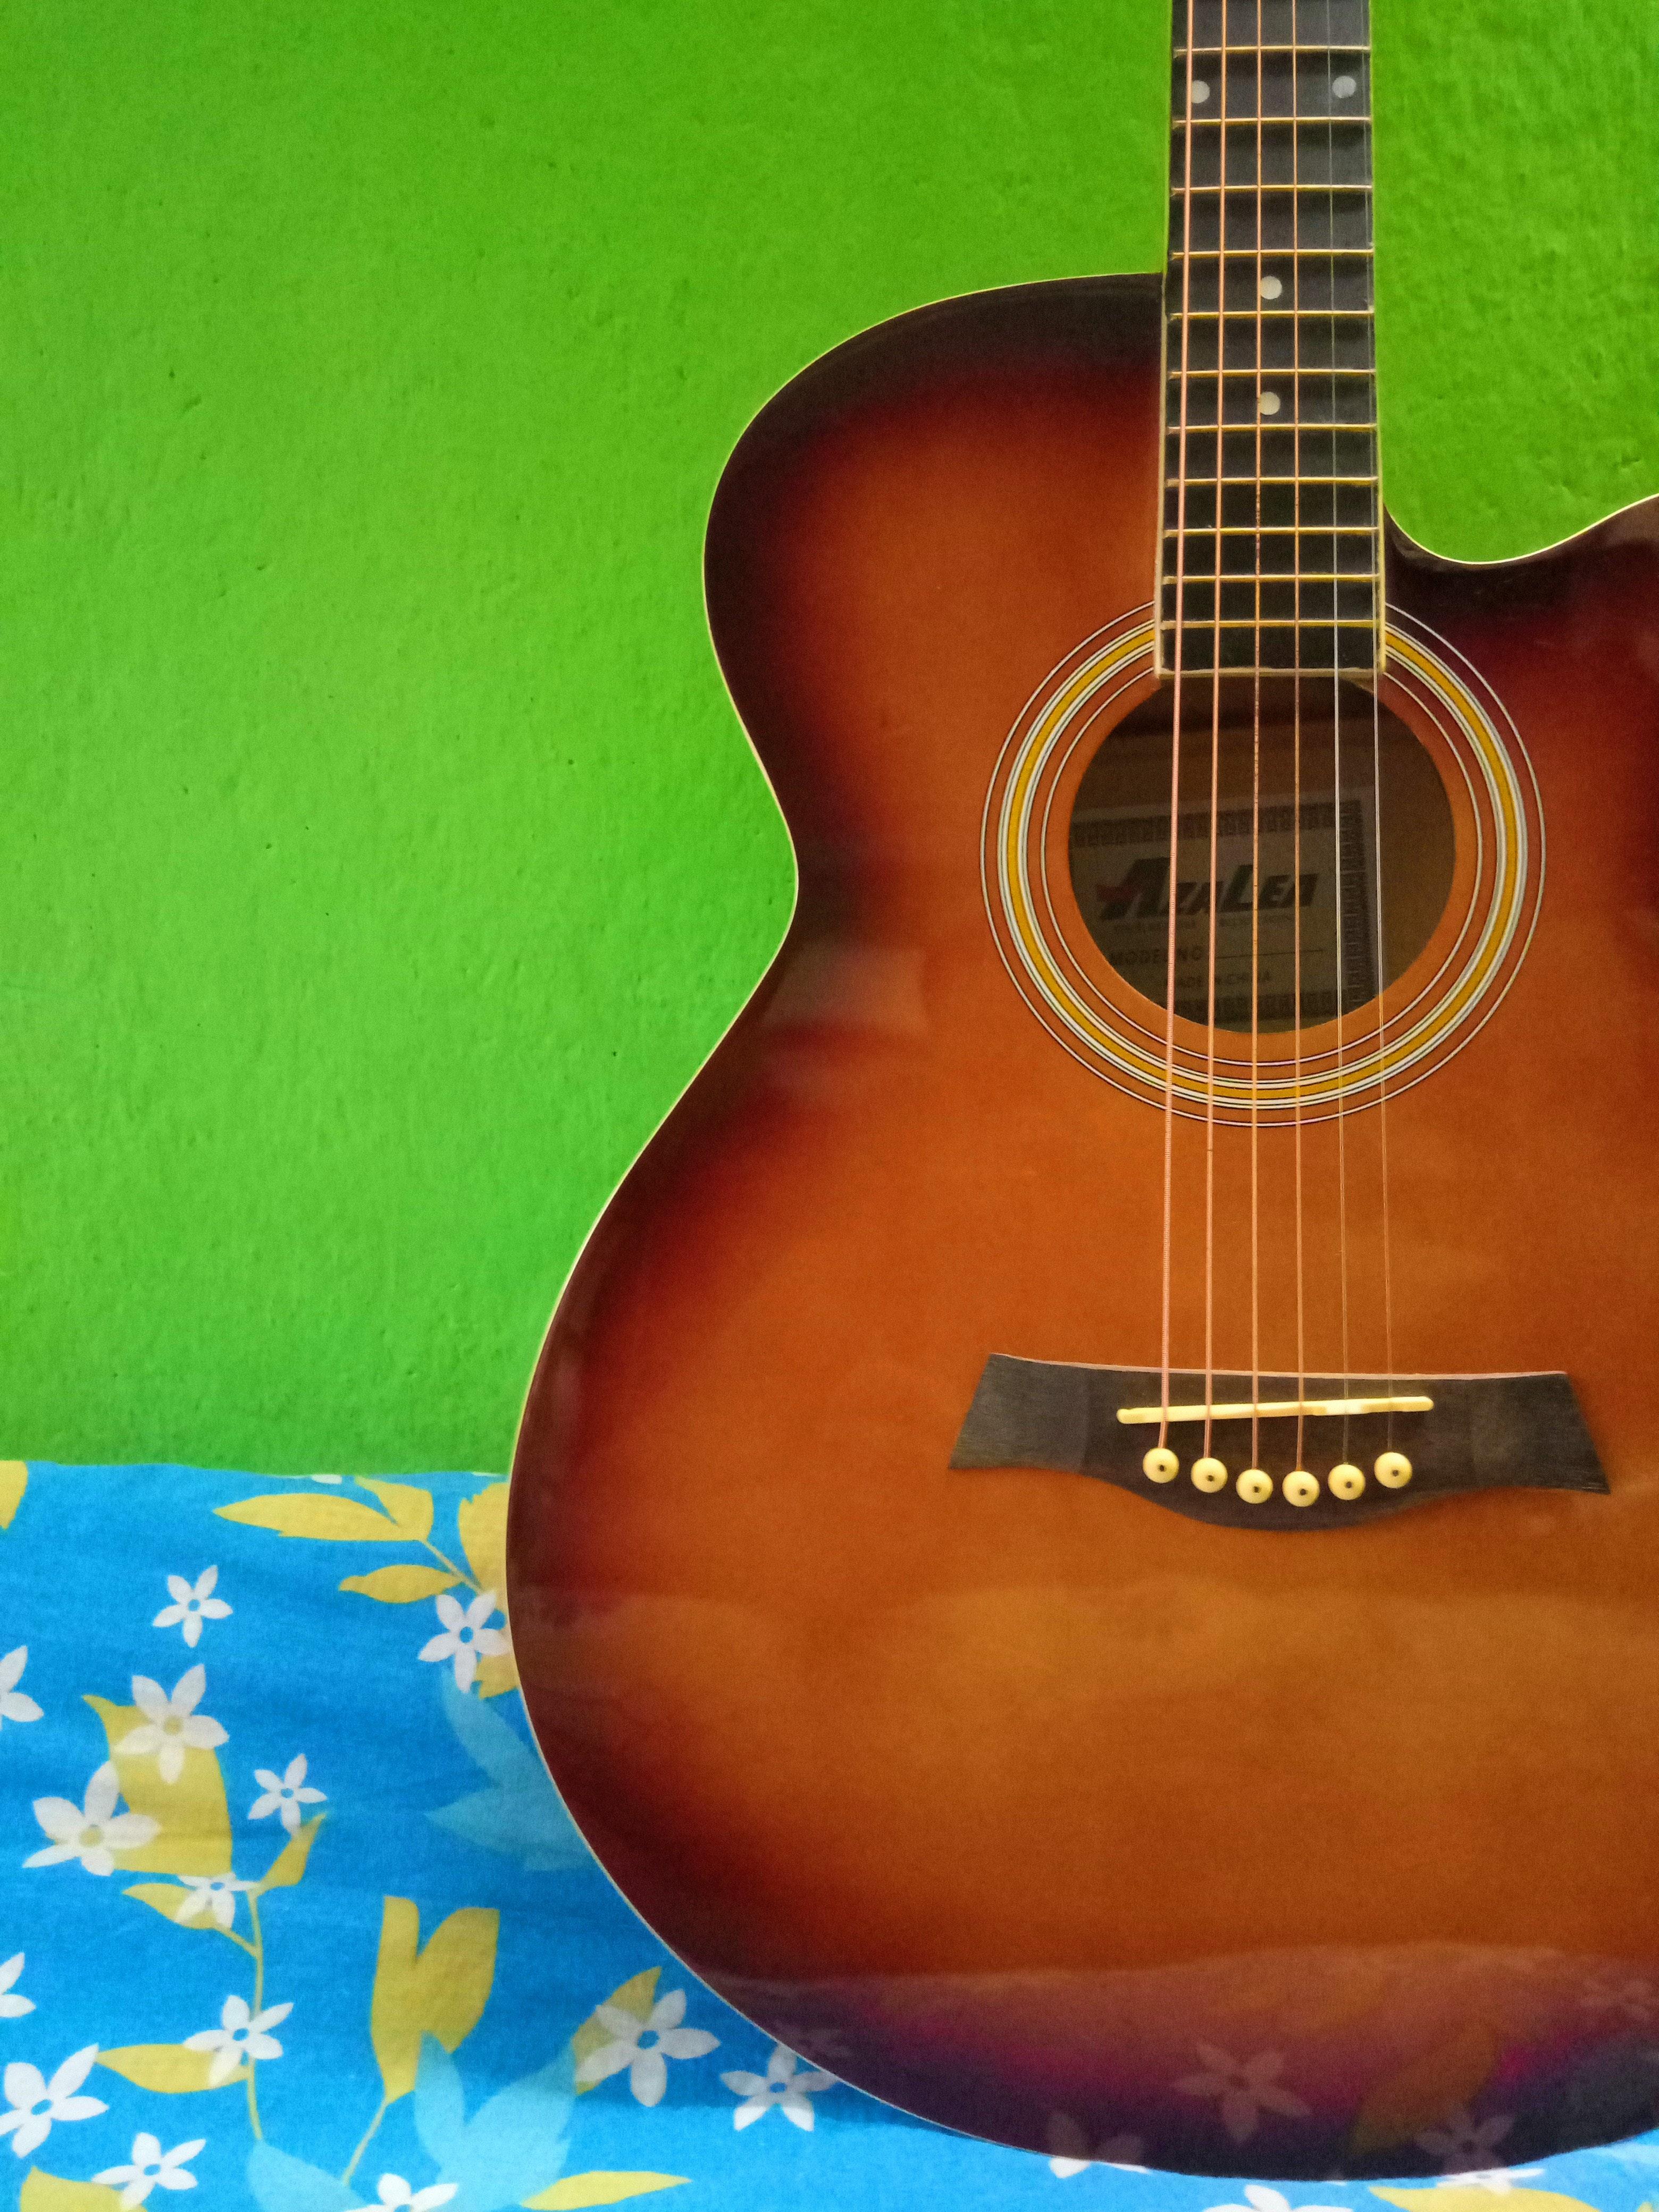 4kの壁紙 ギター ギターの弦の無料の写真素材